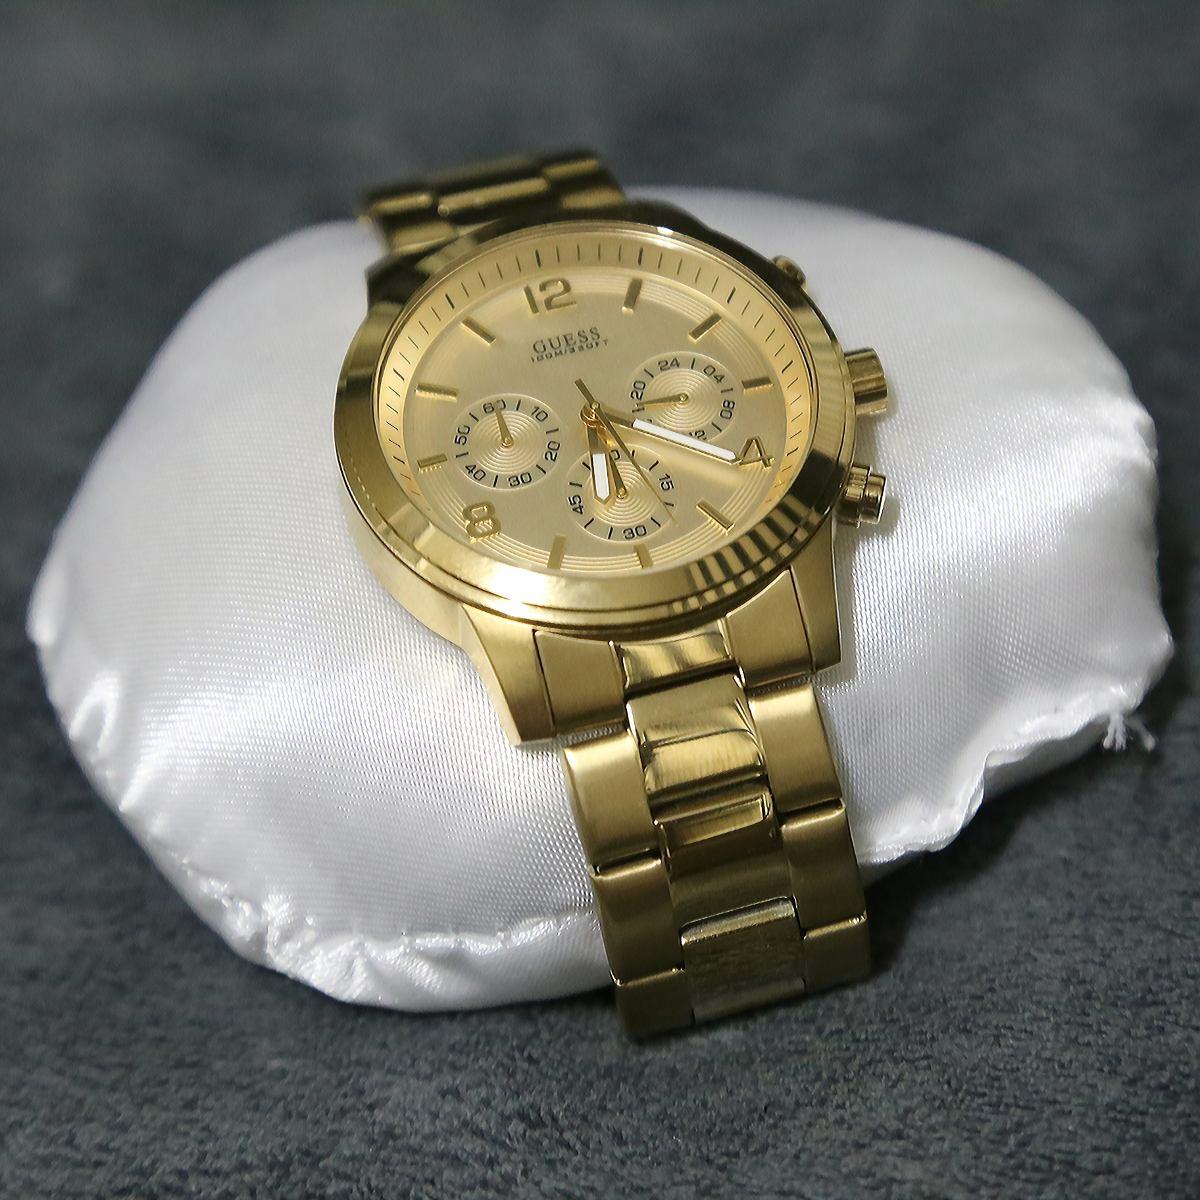 9fd96f363b6 Relógio Guess Feminino Dourado - 40%off - R  479